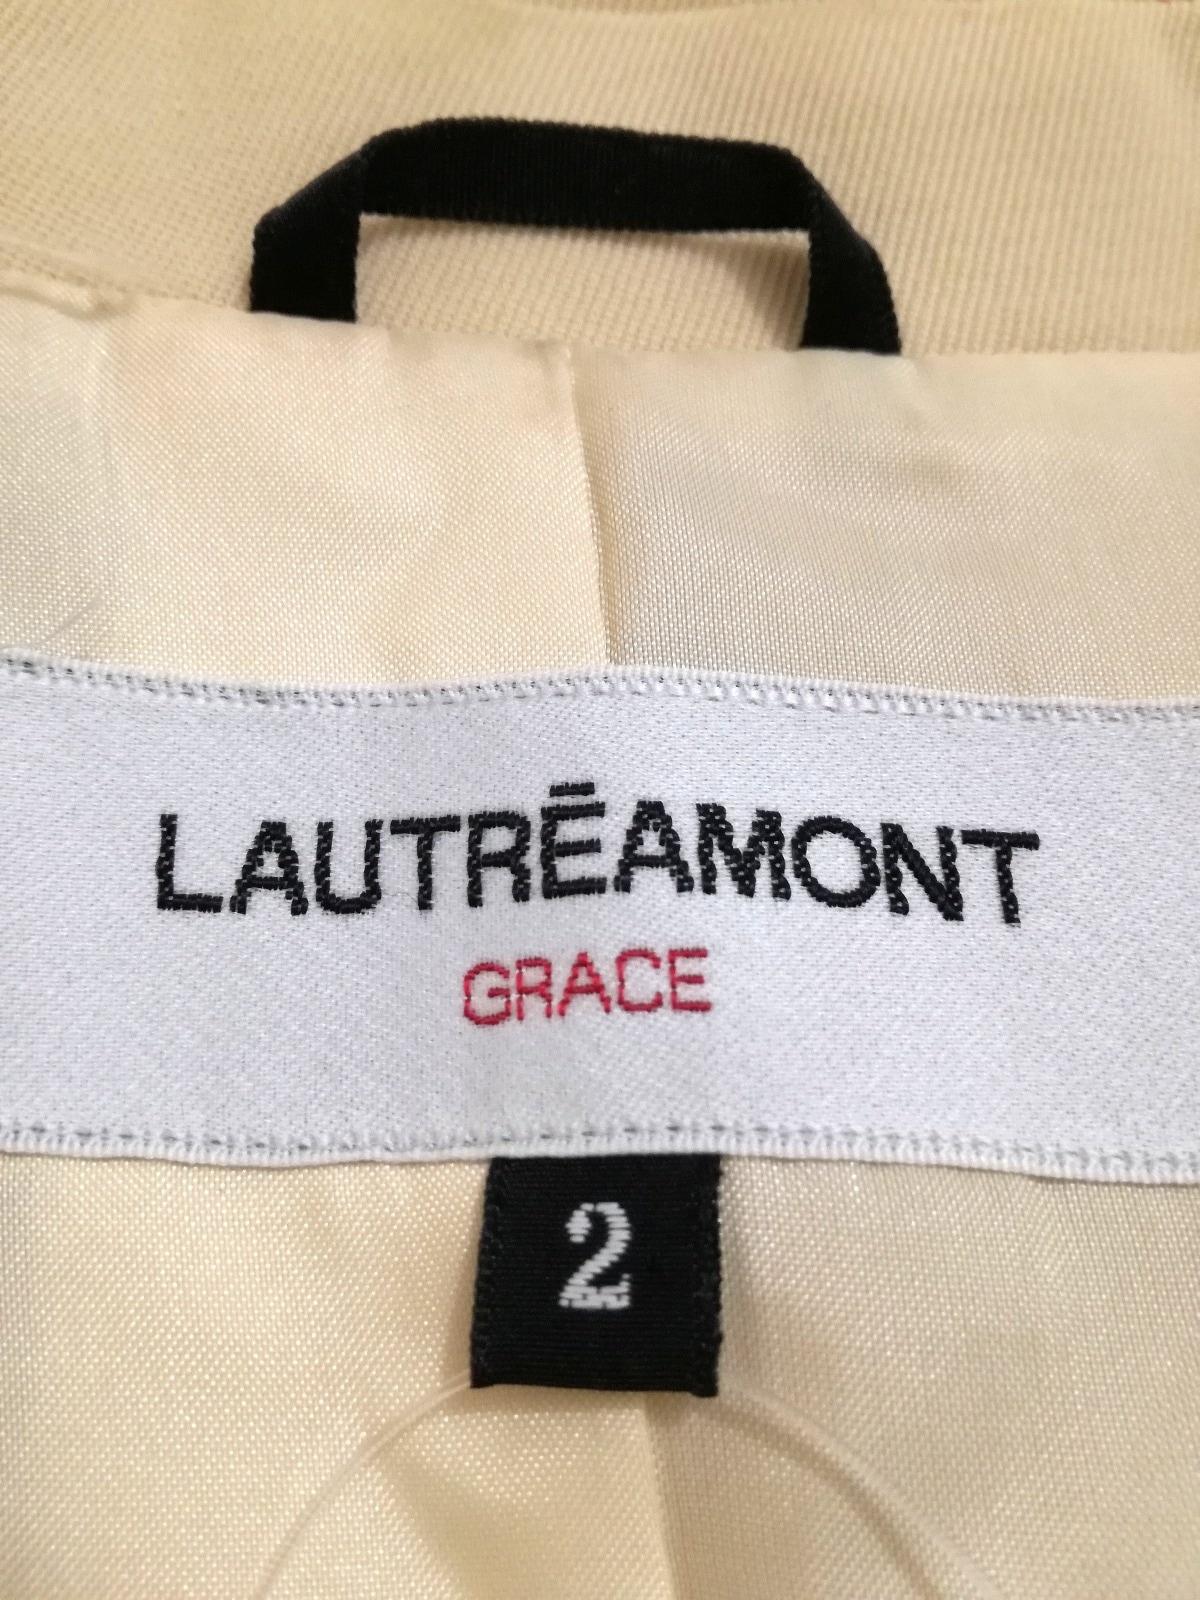 LAUTREAMONT(ロートレアモン)のジャケット